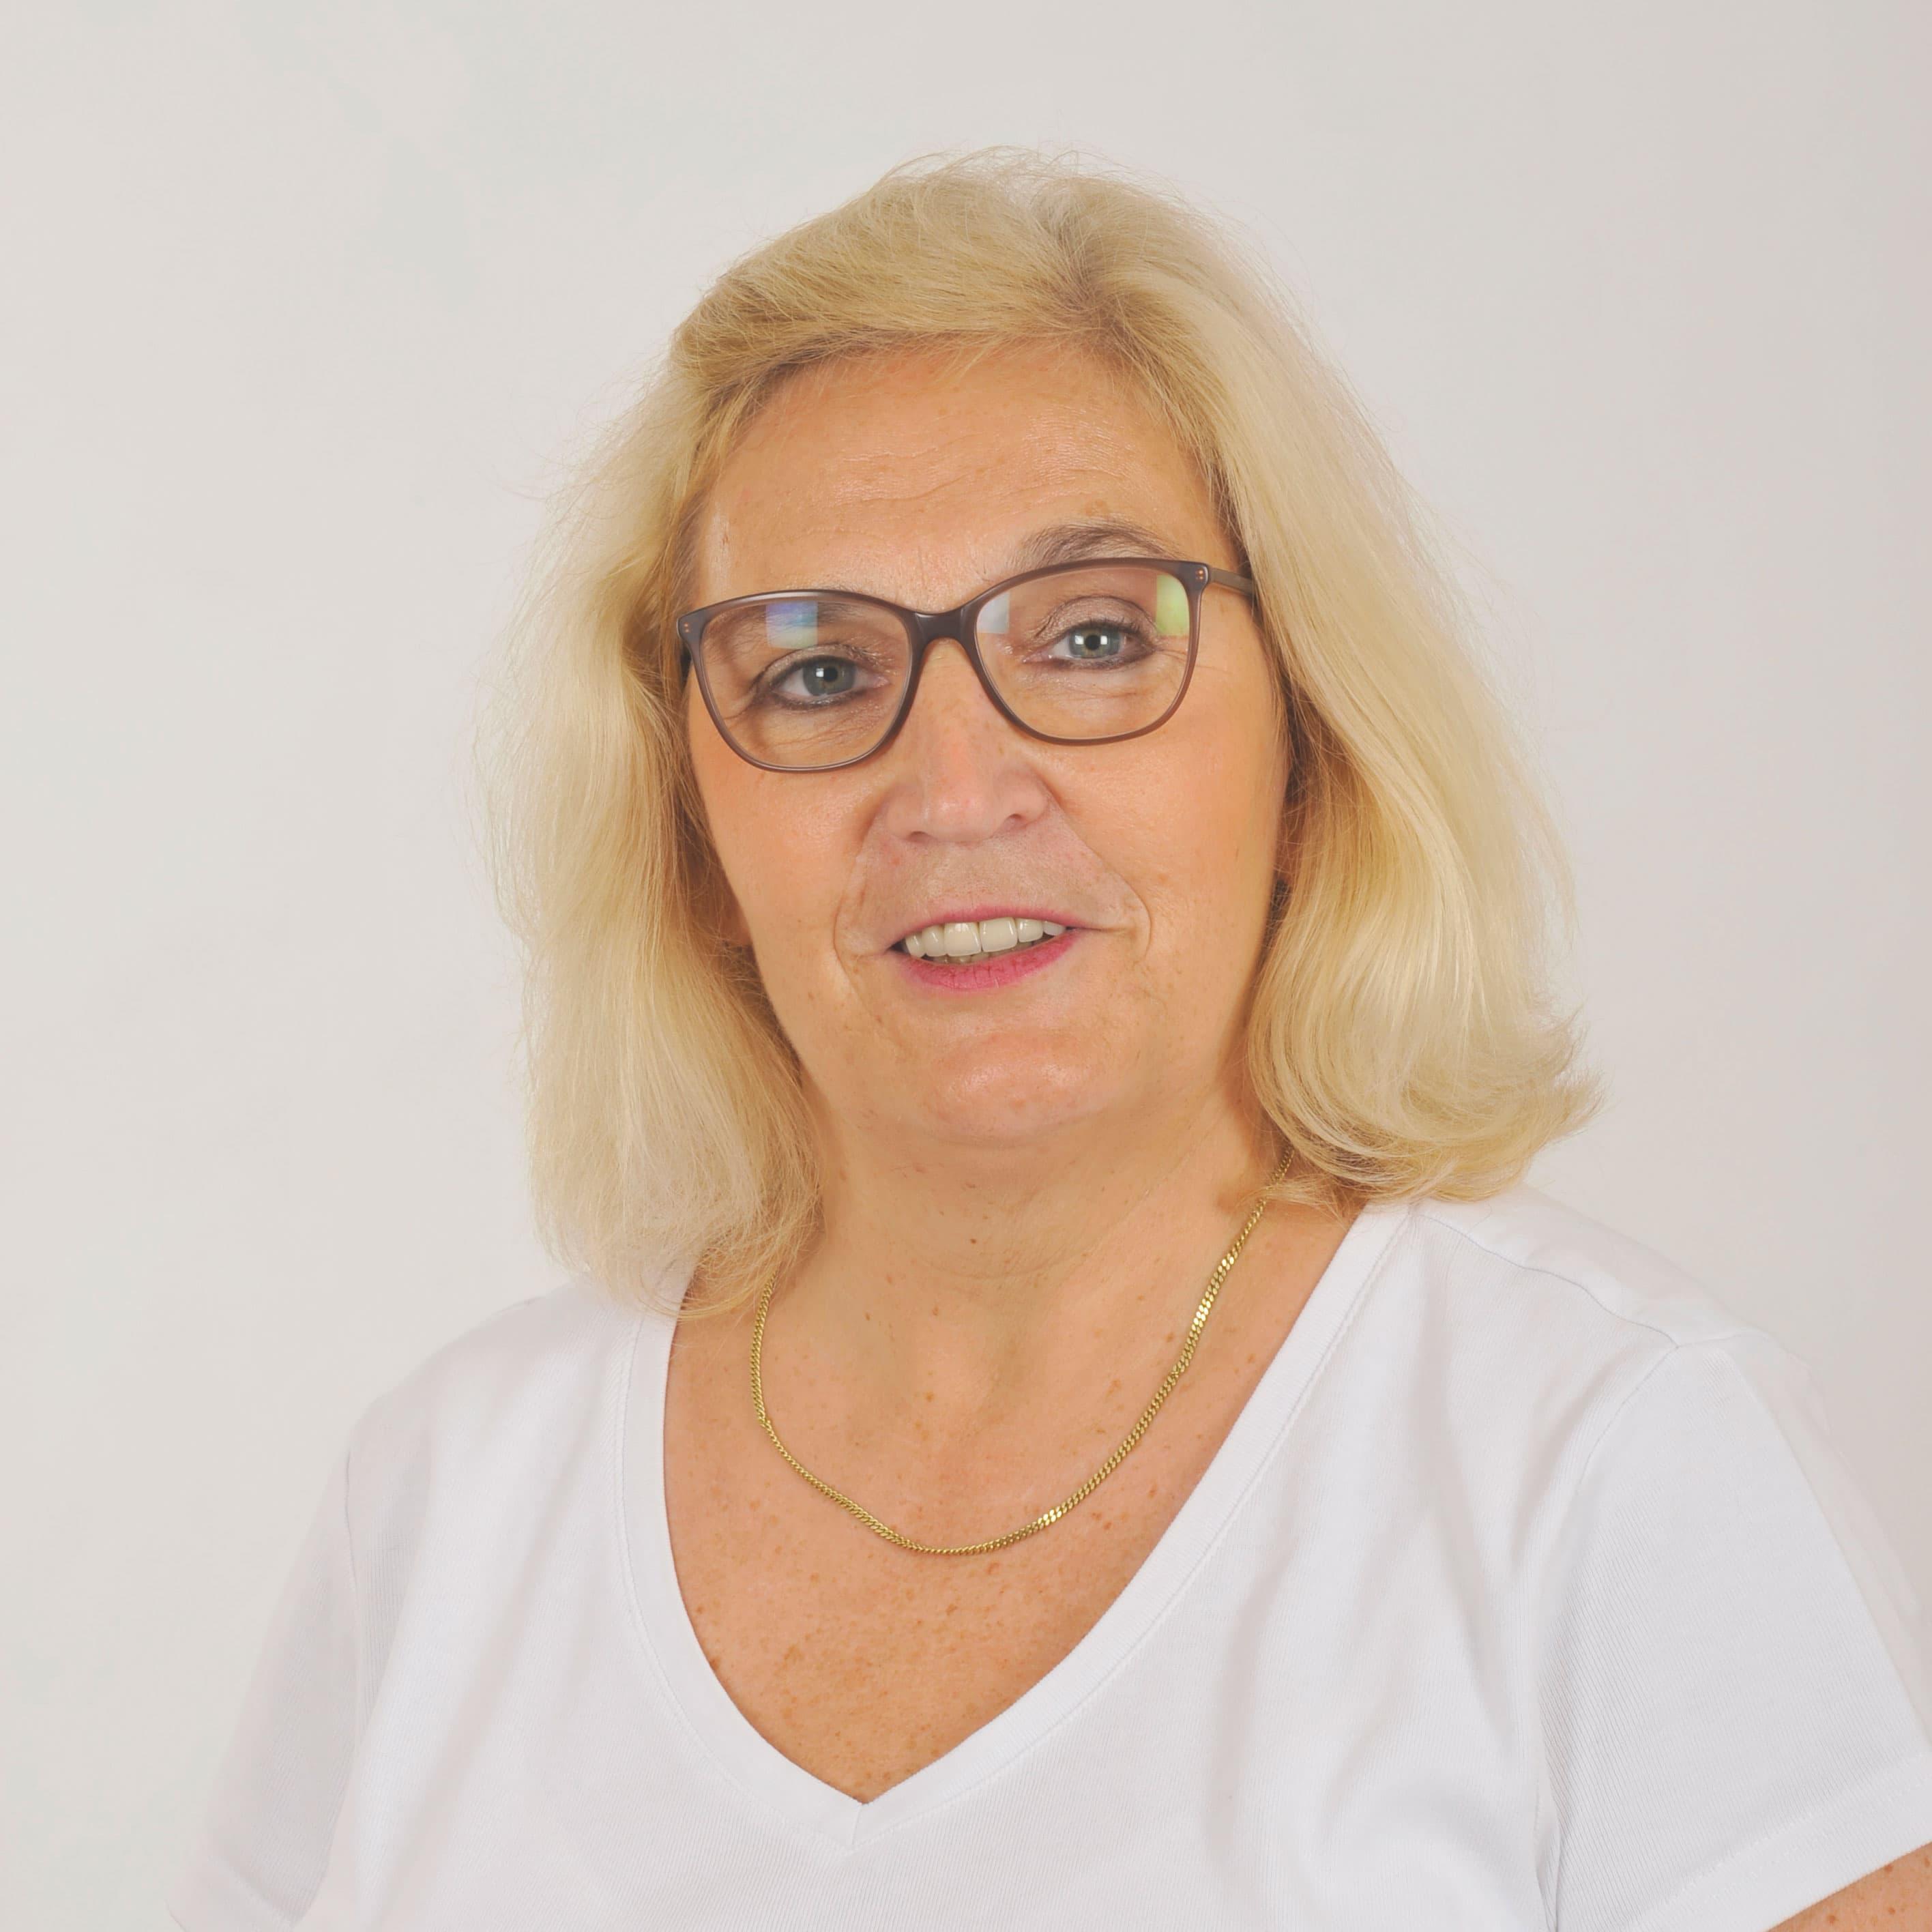 Frauenärztin Dr. Andrea Heinenberg